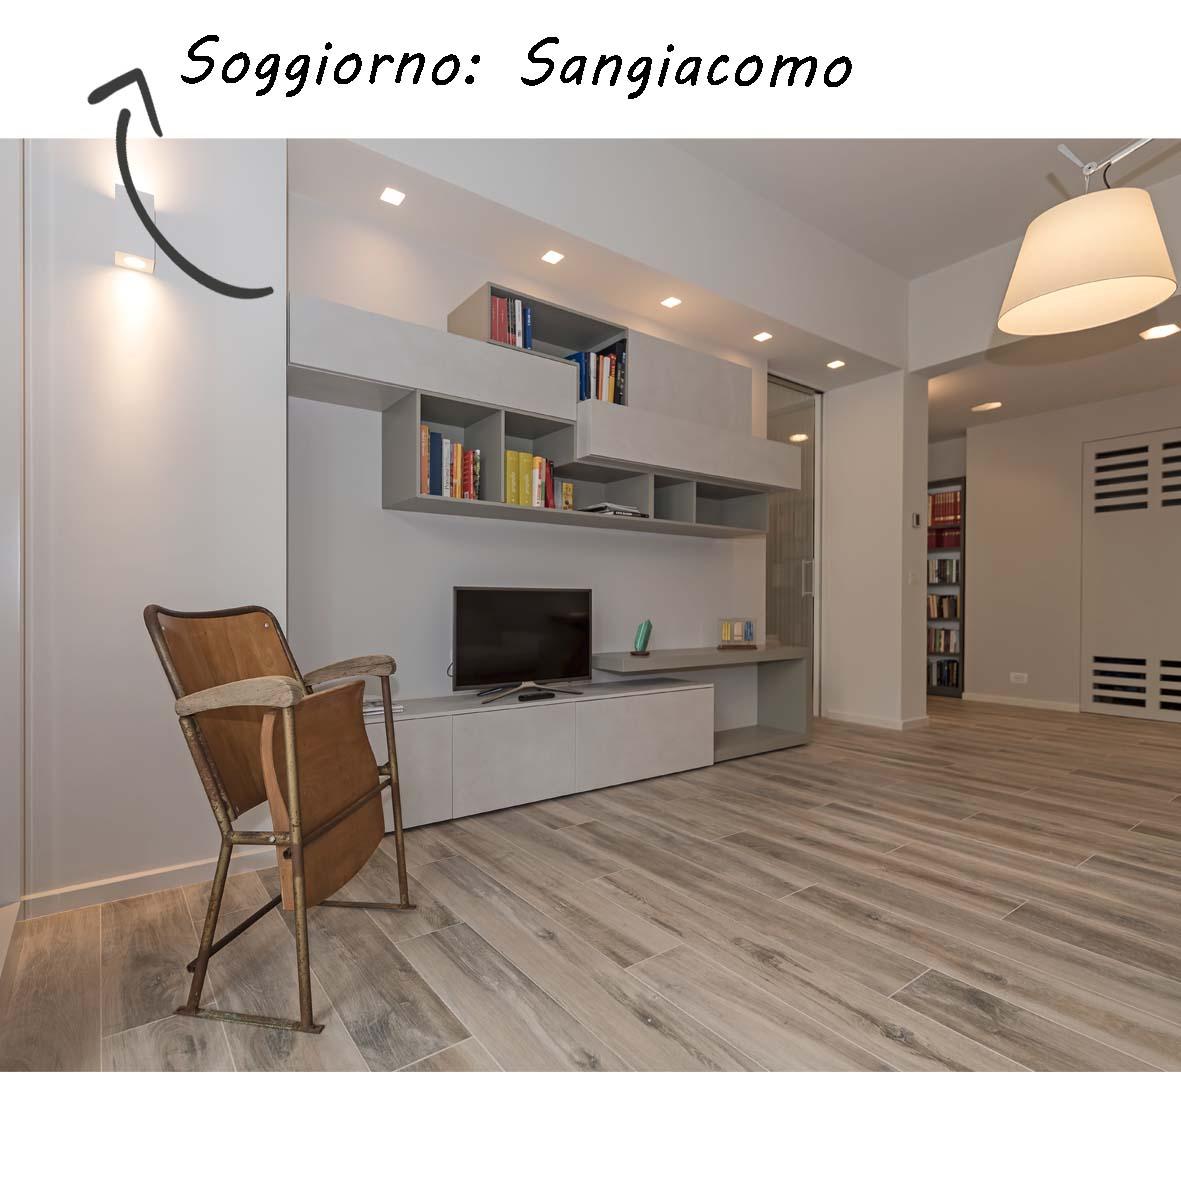 realizzazione-centro dell'arredamento-savona-soggiorno-sangiacomo